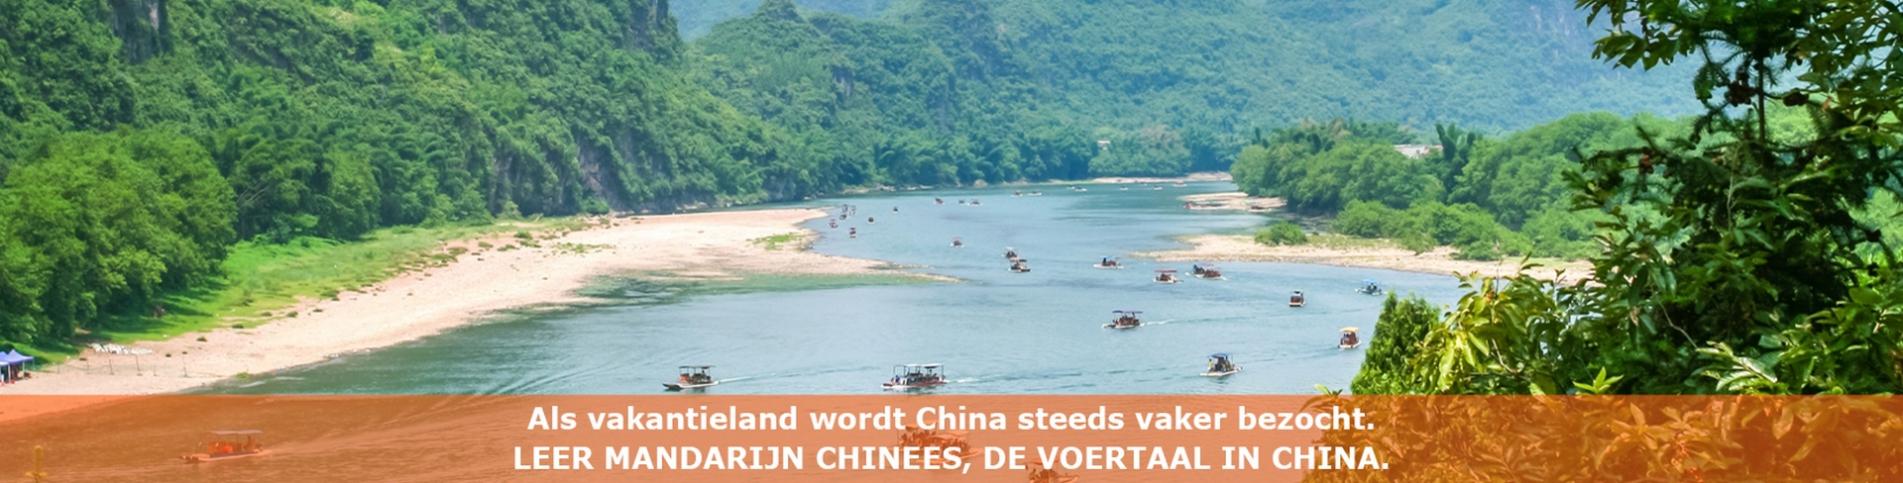 Chinees Chinese Les Leren onderwijs cursus taal Gooi Vecht Eem Baarn Eemnes Laren Blaricum Soest